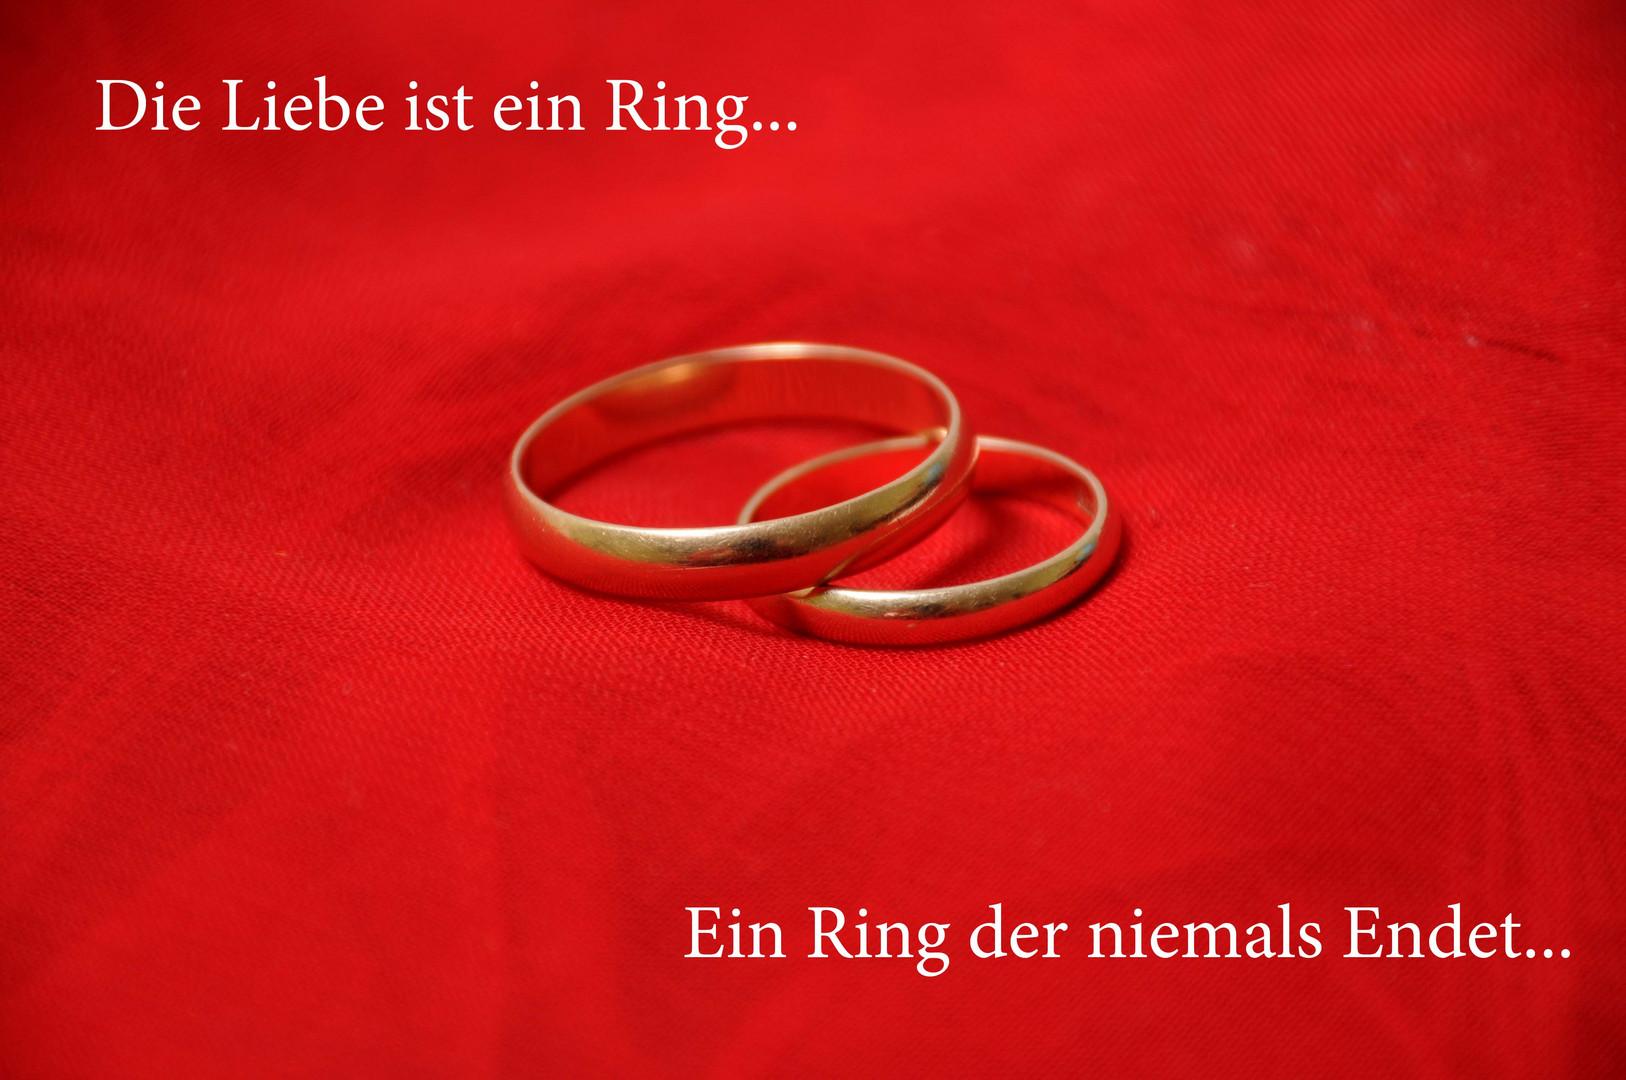 By Elaises - Eheringe